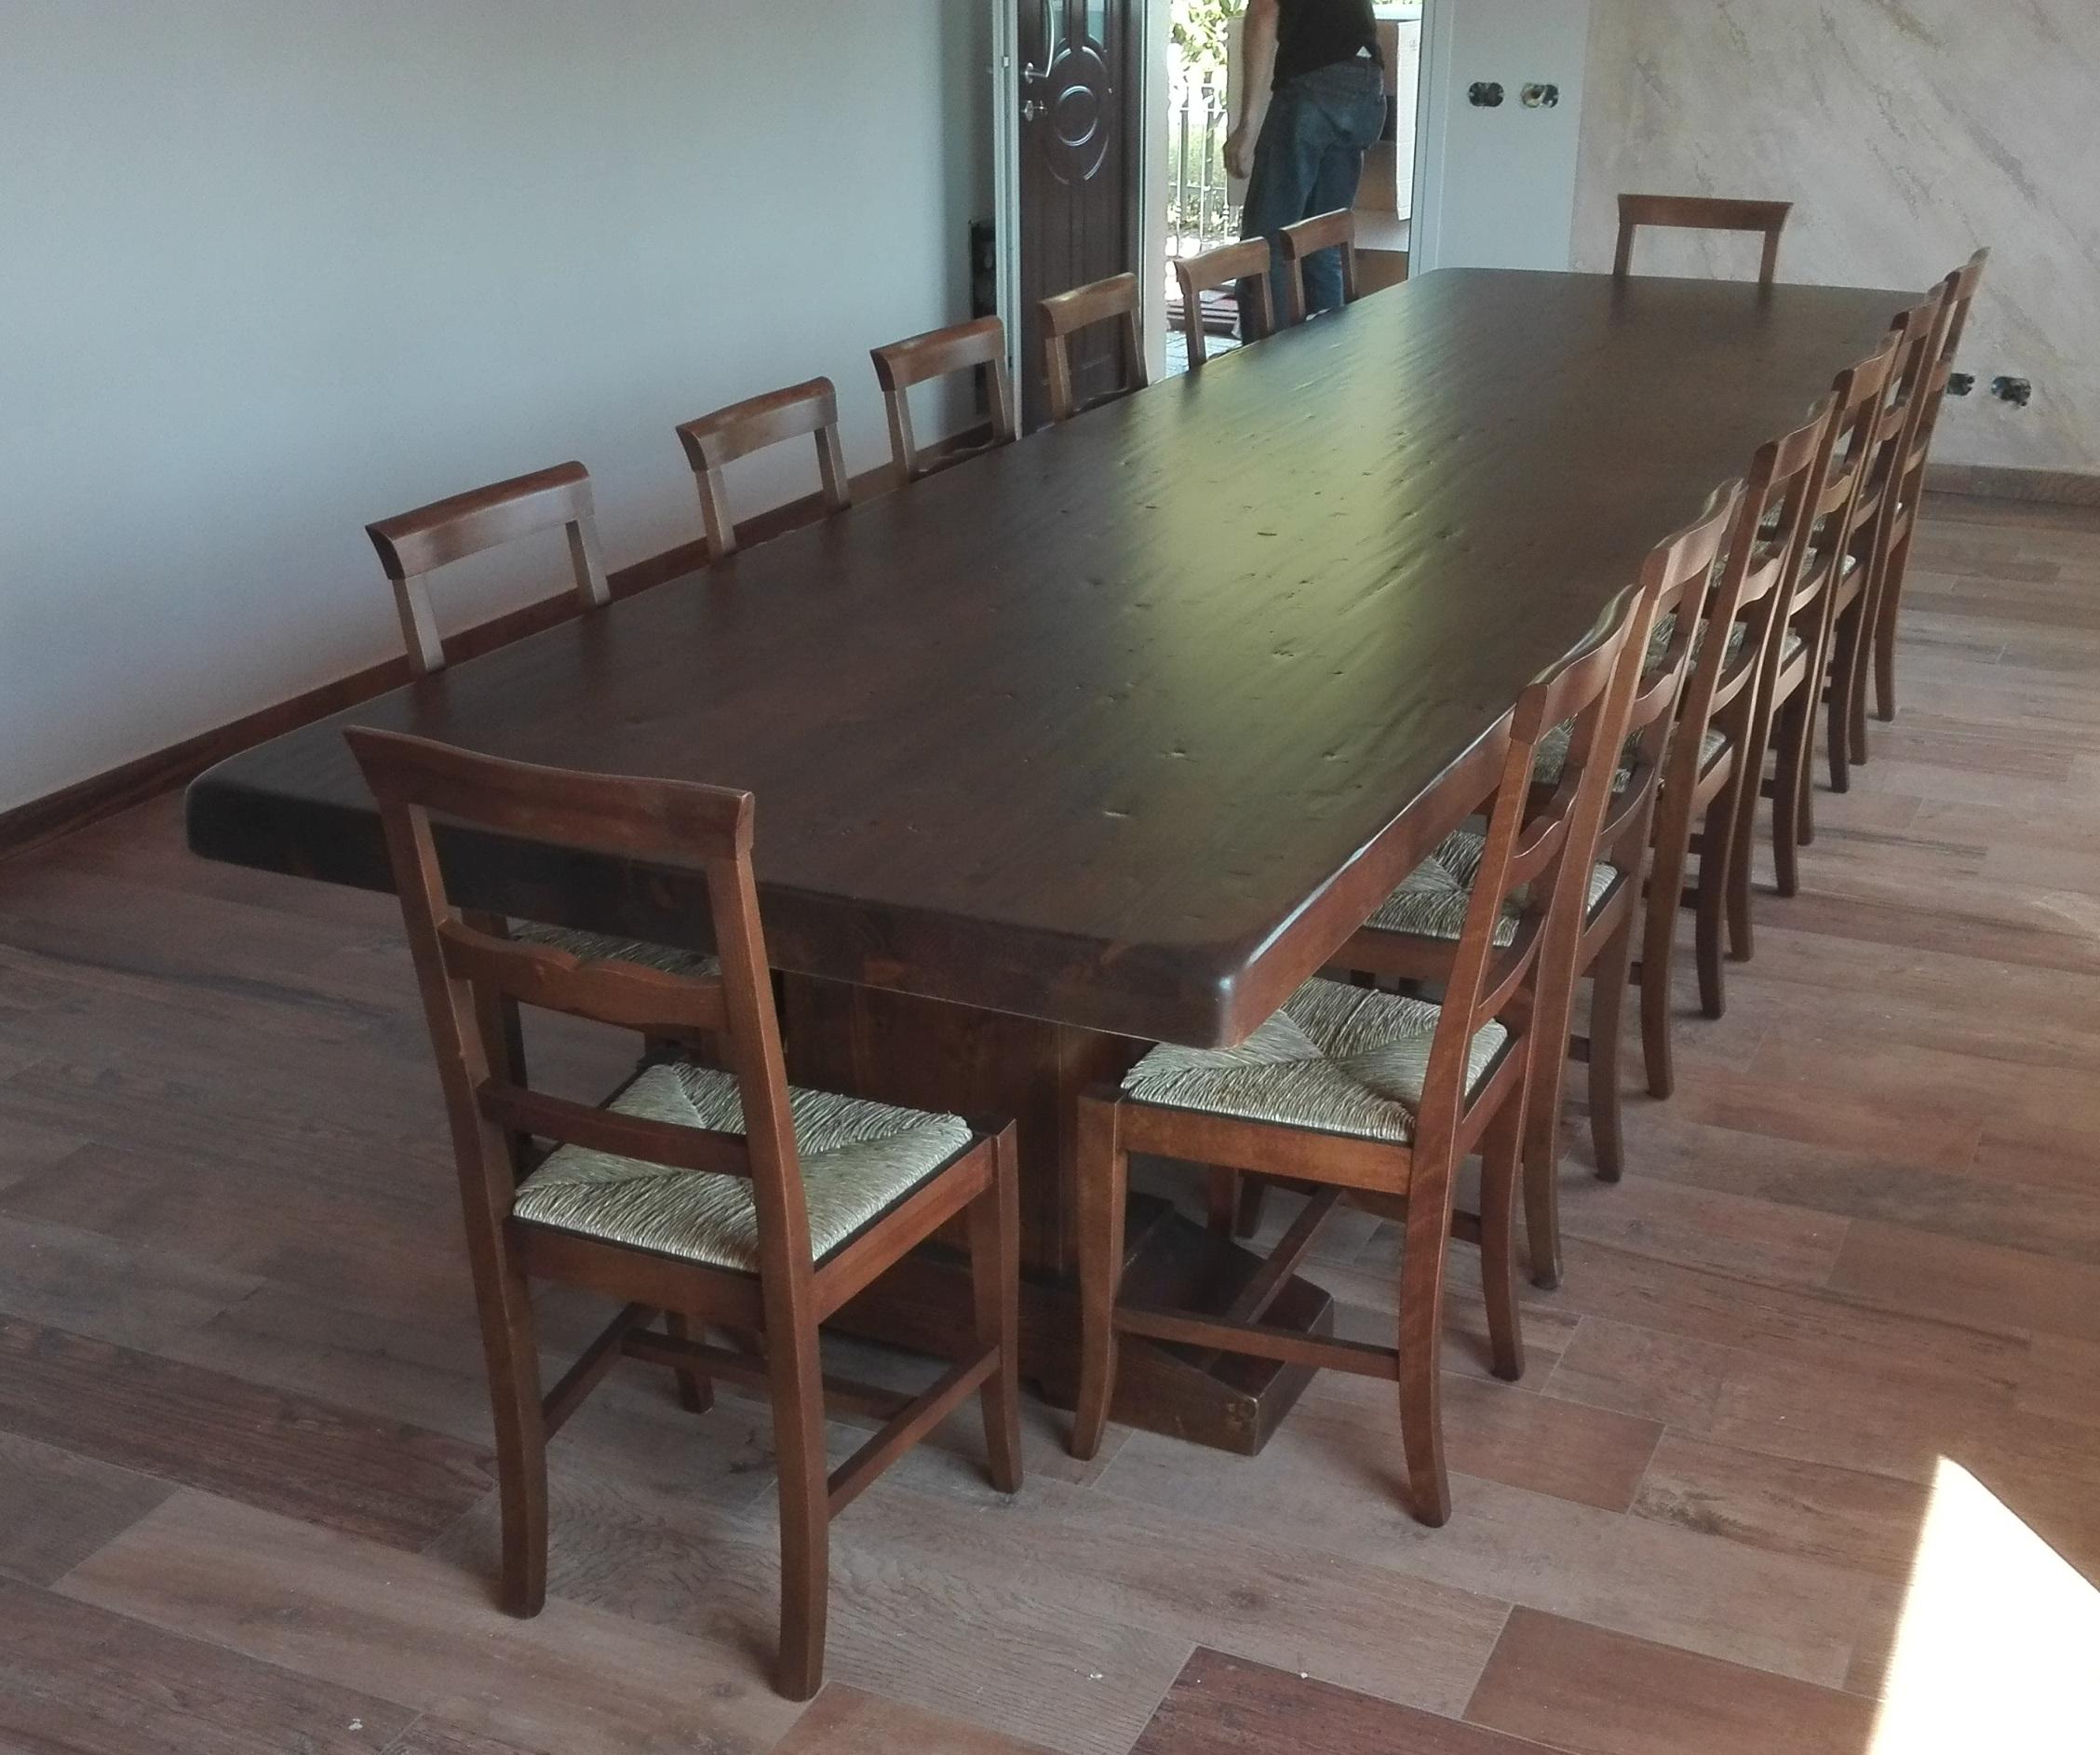 Tavoli in legno Padova - Falegnameria Padova